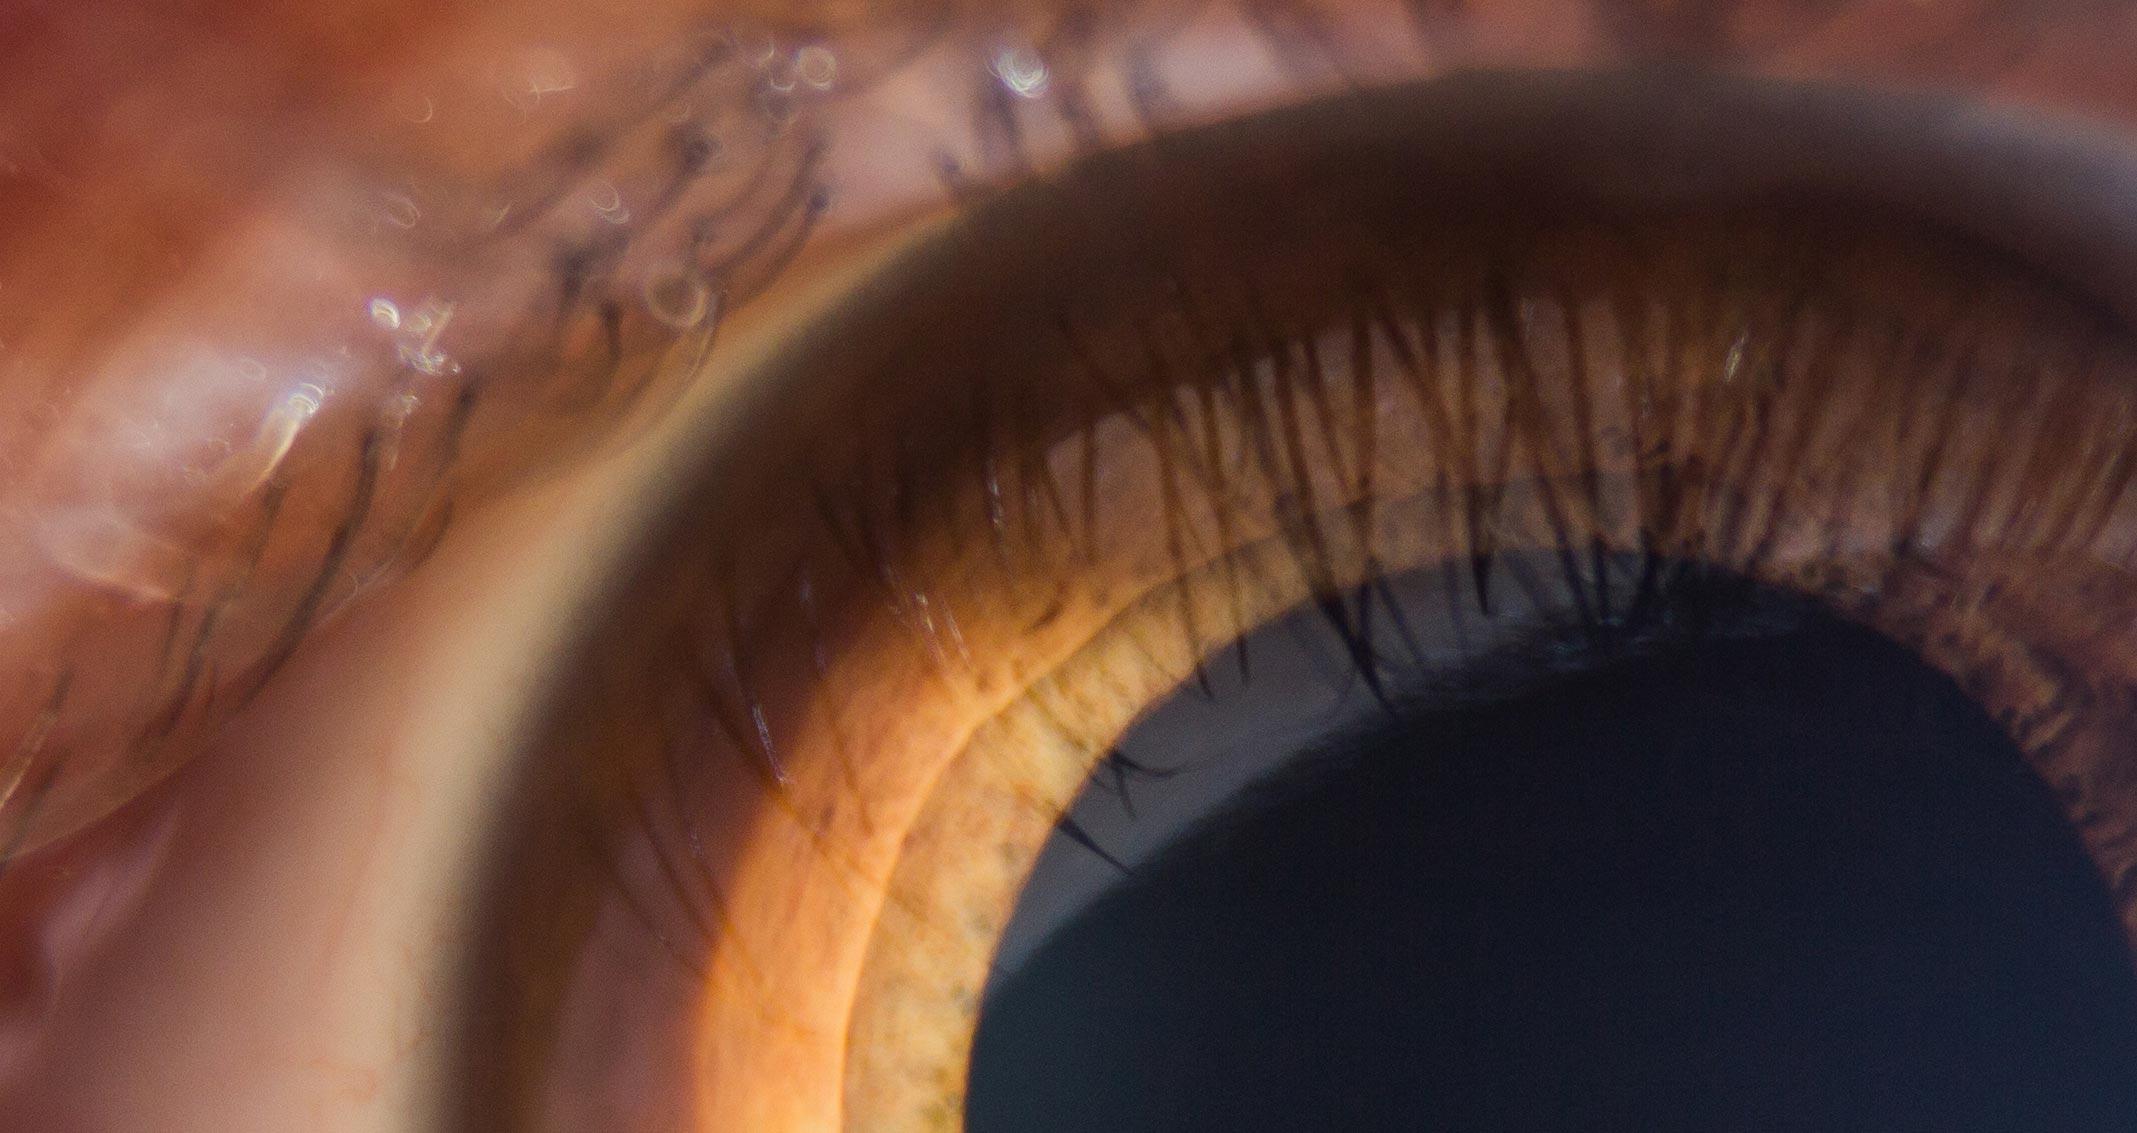 Pilcrow close up eye main